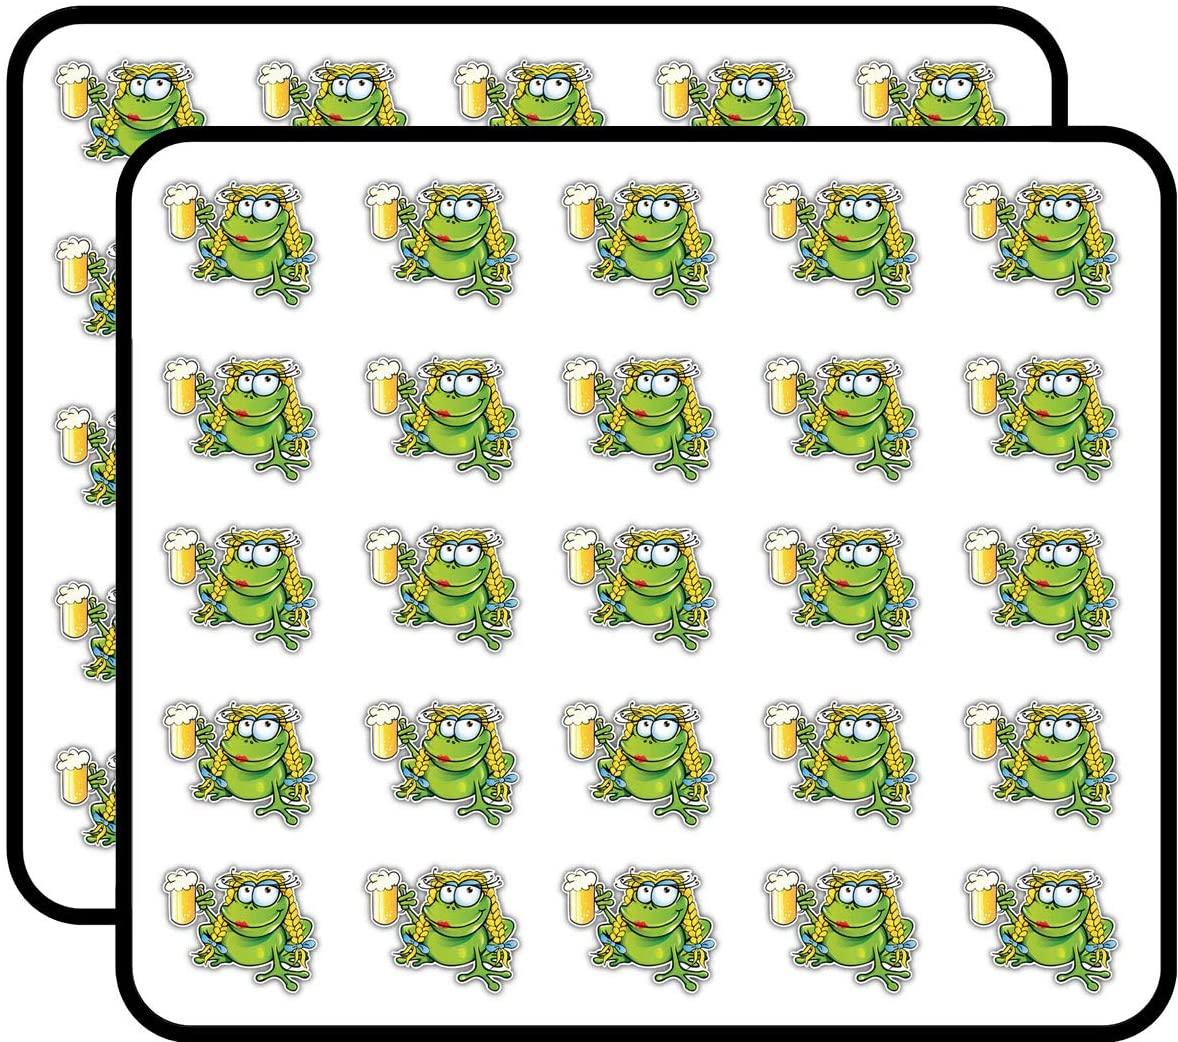 Sexy Frog Beer Cartoon Sticker for Scrapbooking, Calendars, Arts, Kids DIY Crafts, Album, Bullet Journals 50 Pack